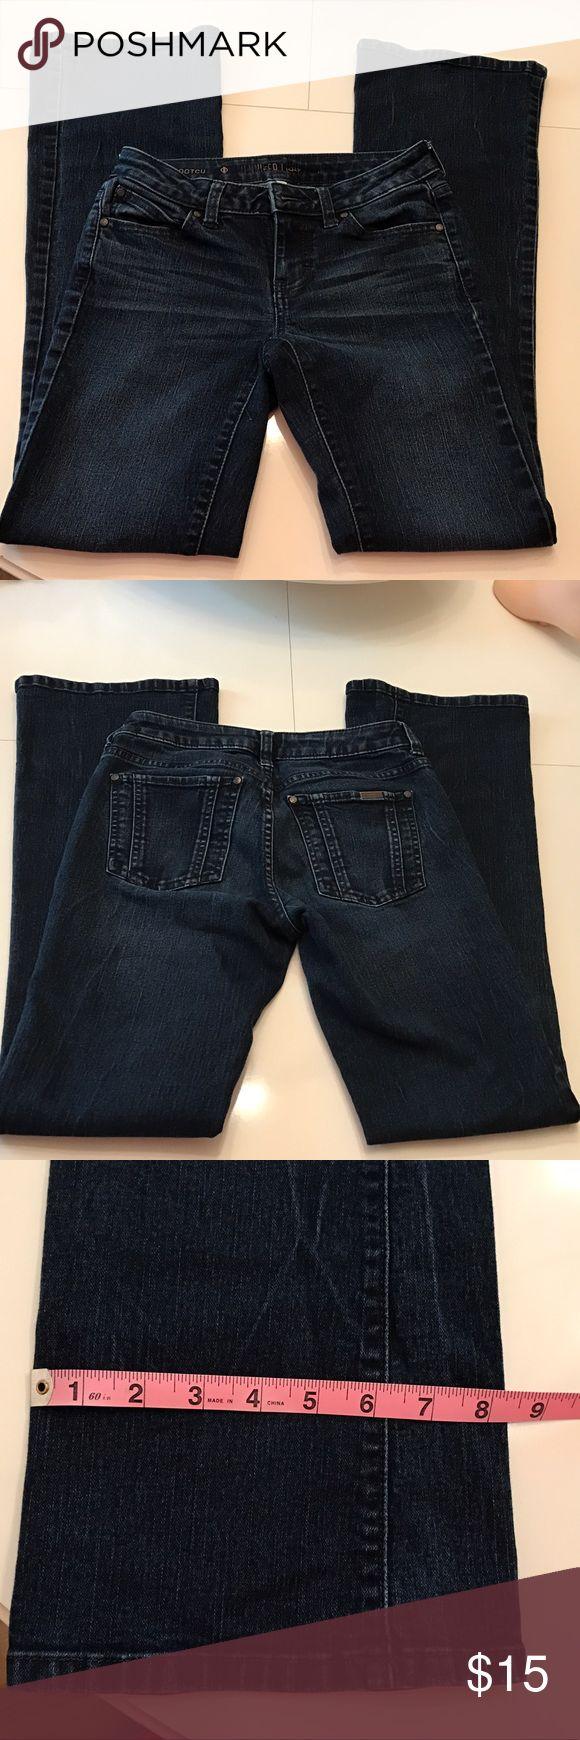 """Jennifer Lopez boot cut jeans. Size 0. Jennifer Lopez dark wash boot cut jeans. Size O. 31"""" inseam. In EXCELLENT shape. No reasonable offer refused. Jennifer Lopez Jeans Boot Cut"""